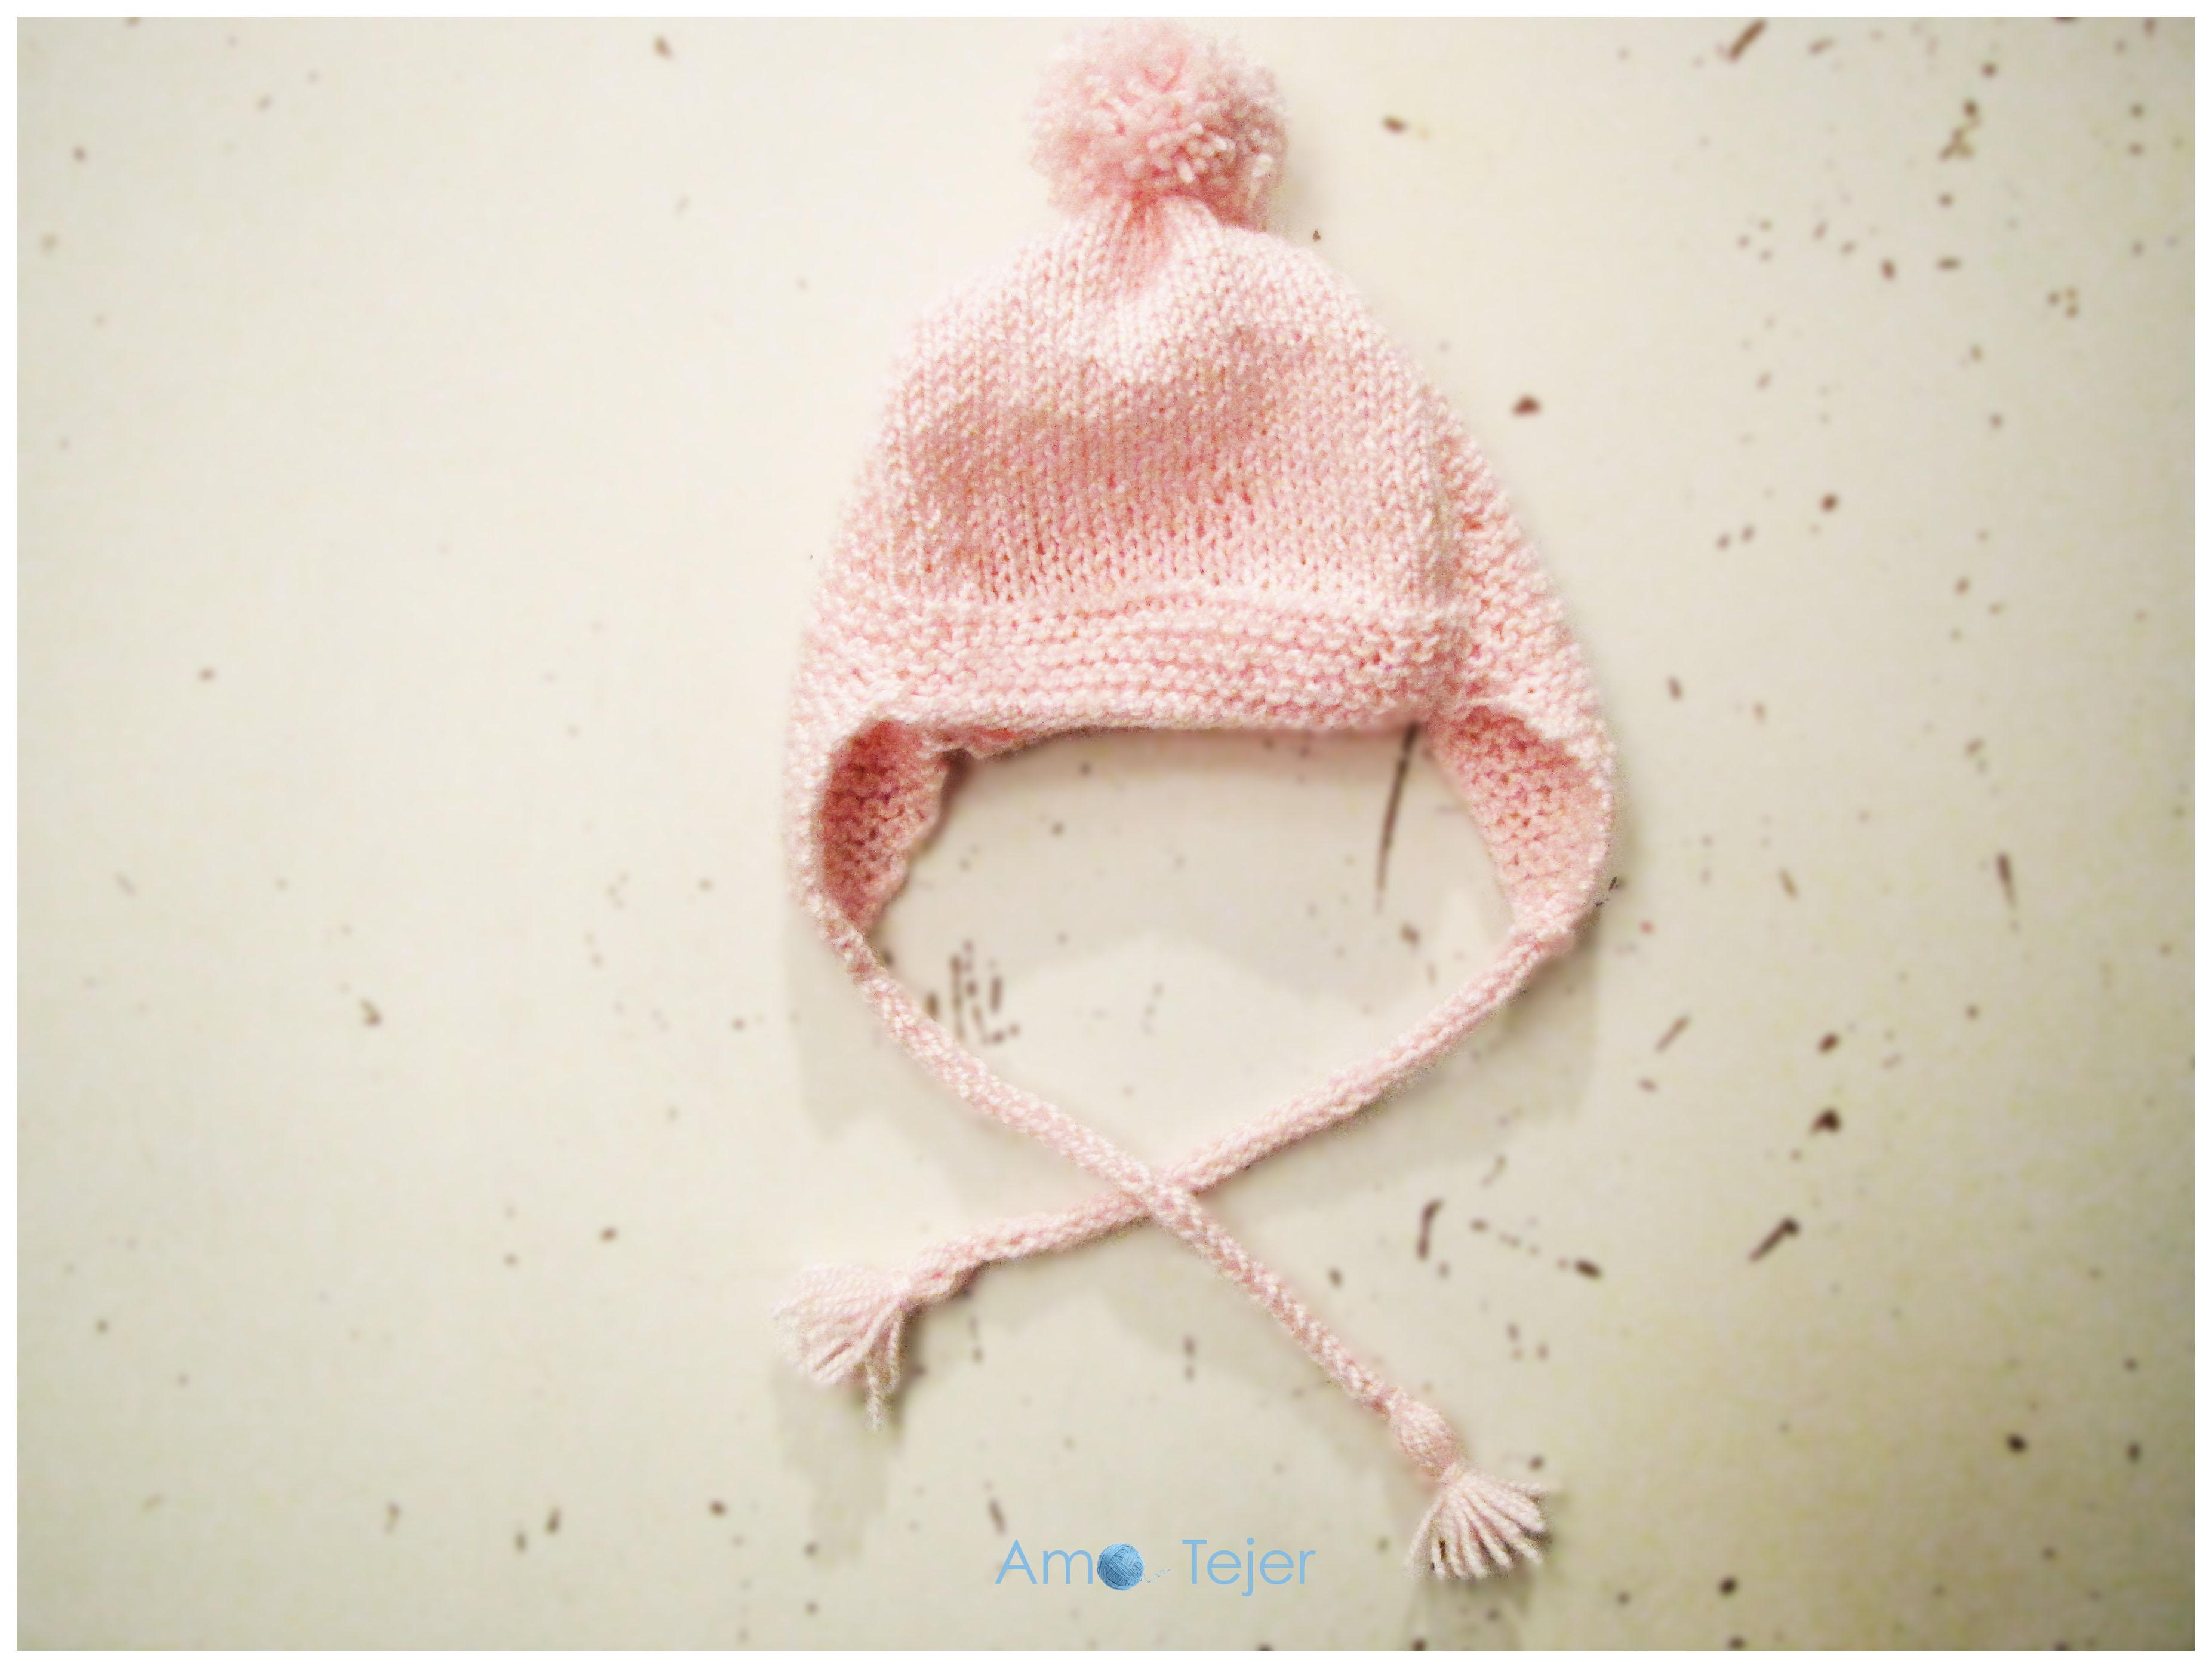 Gorro con orejeras para beba – Baby Girl´s hat with earflaps – Amo tejer